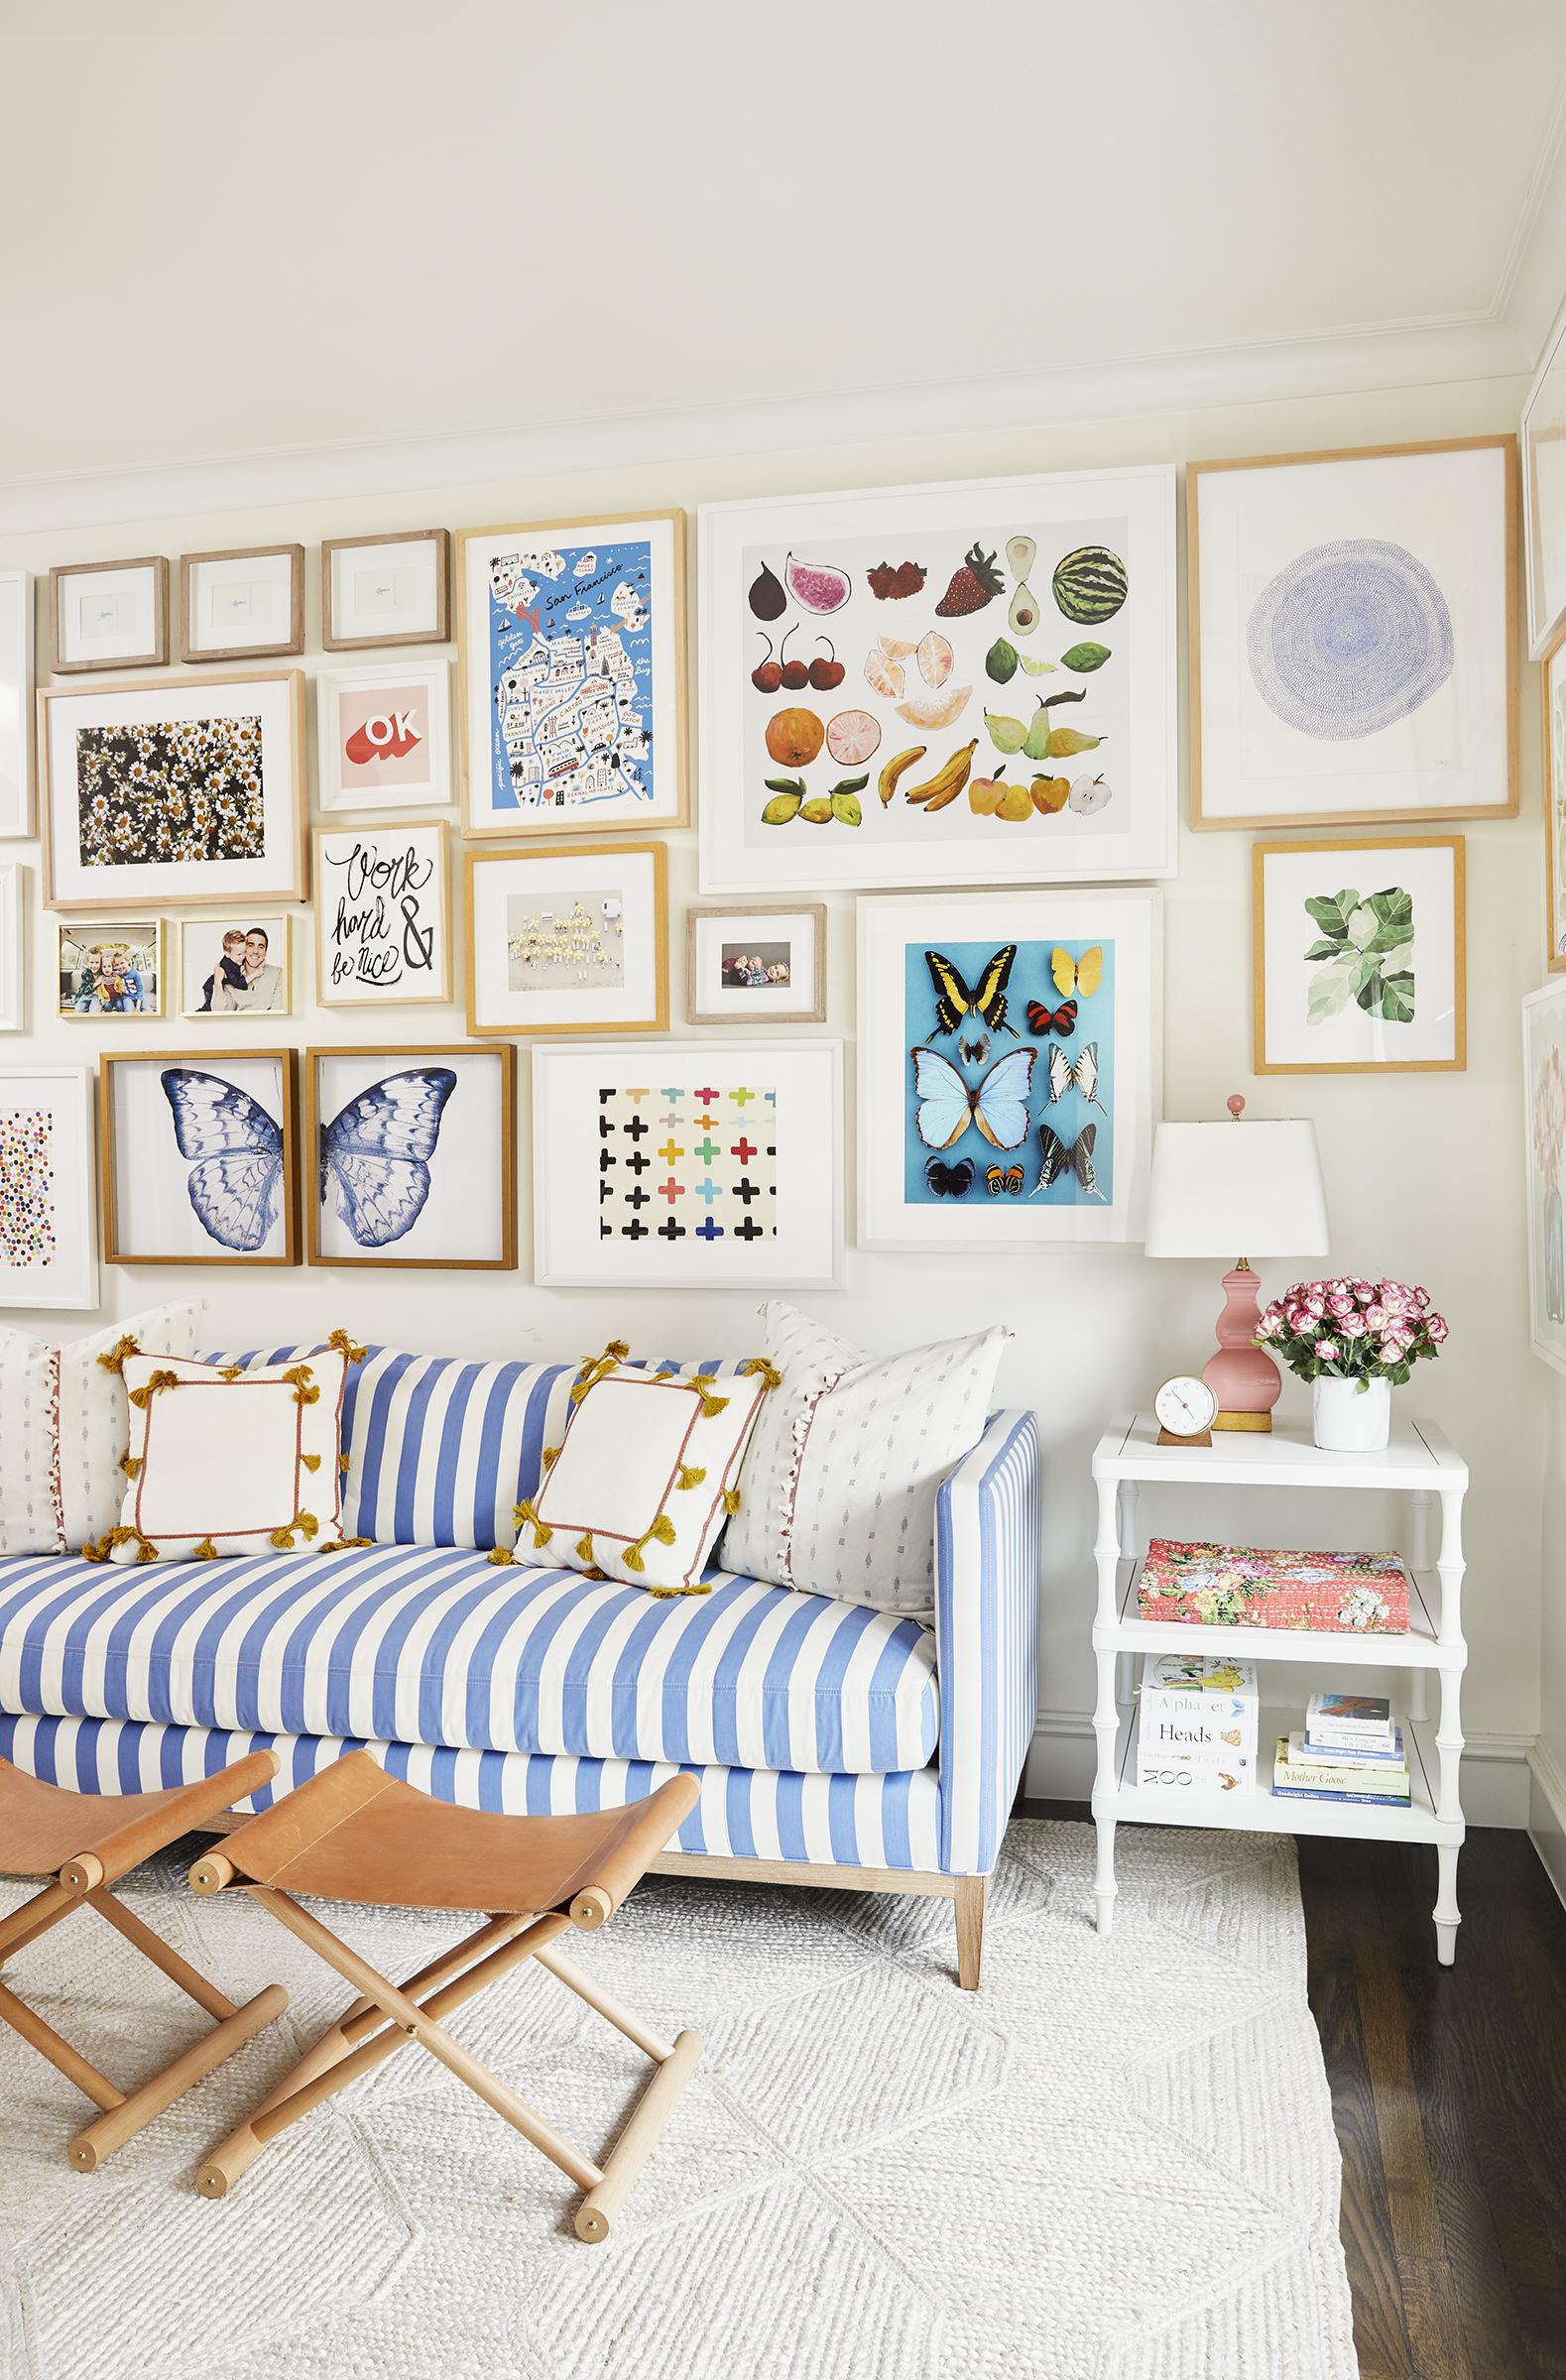 Beach Pretty House Style-Caitlin Wilson Designs 9.jpg